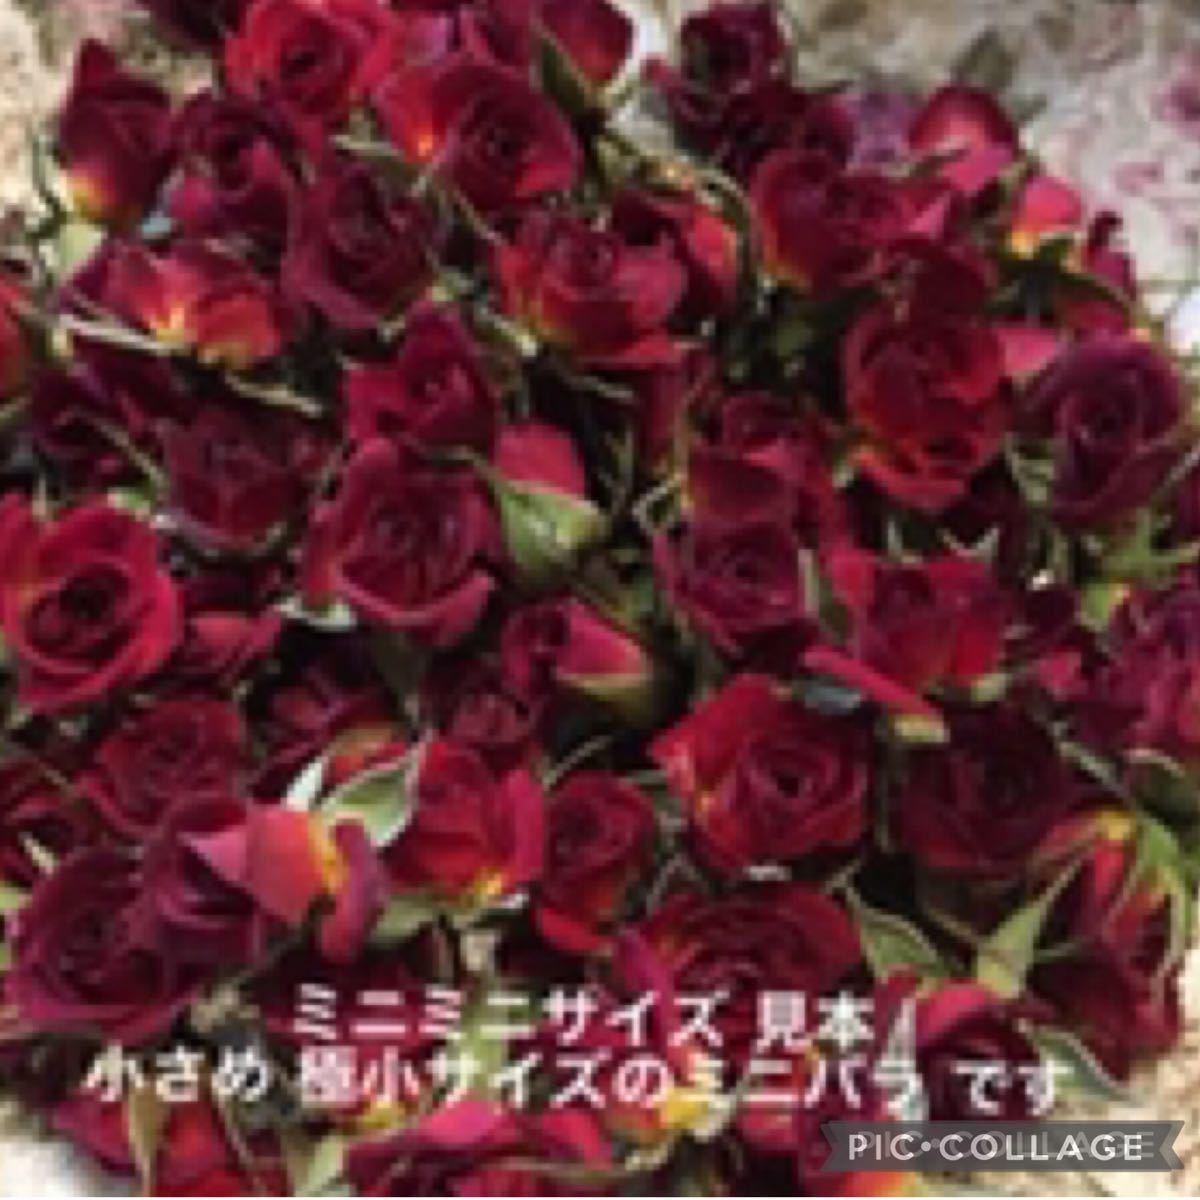 大容量 大特価!●ミニミニ薔薇30輪セット+おまけ5輪付き●ミニバラ ドライフラワー花材 素材●ハンドメイドに●レジン加工に